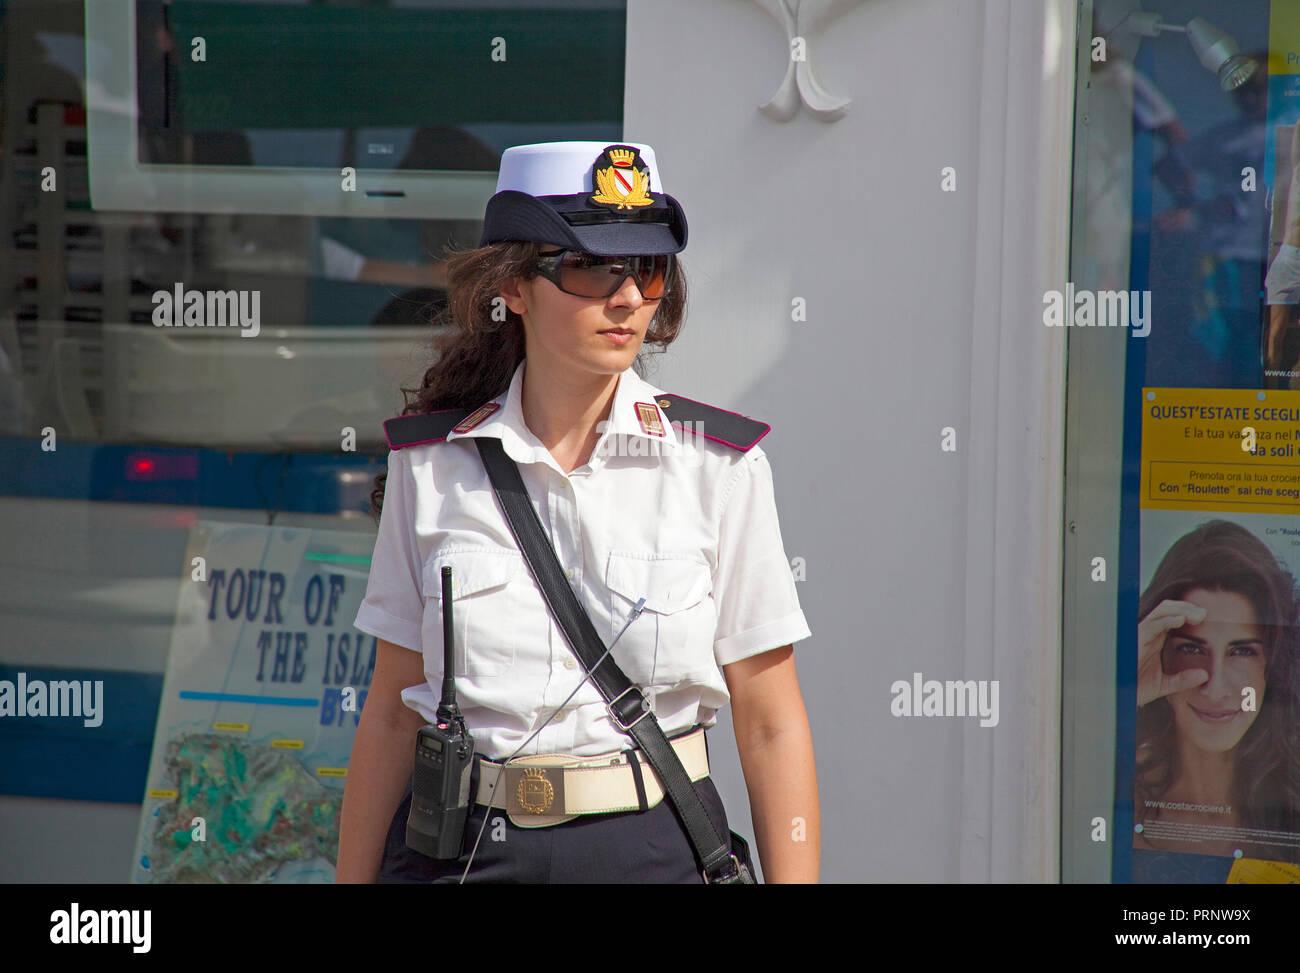 Polizistin in Capri, Insel Capri, Golf von Neapel, Kampanien, Italien | Polizei Frau in Capri, Capri, Insel, Golf von Neapel, Kampanien, Italien Stockbild